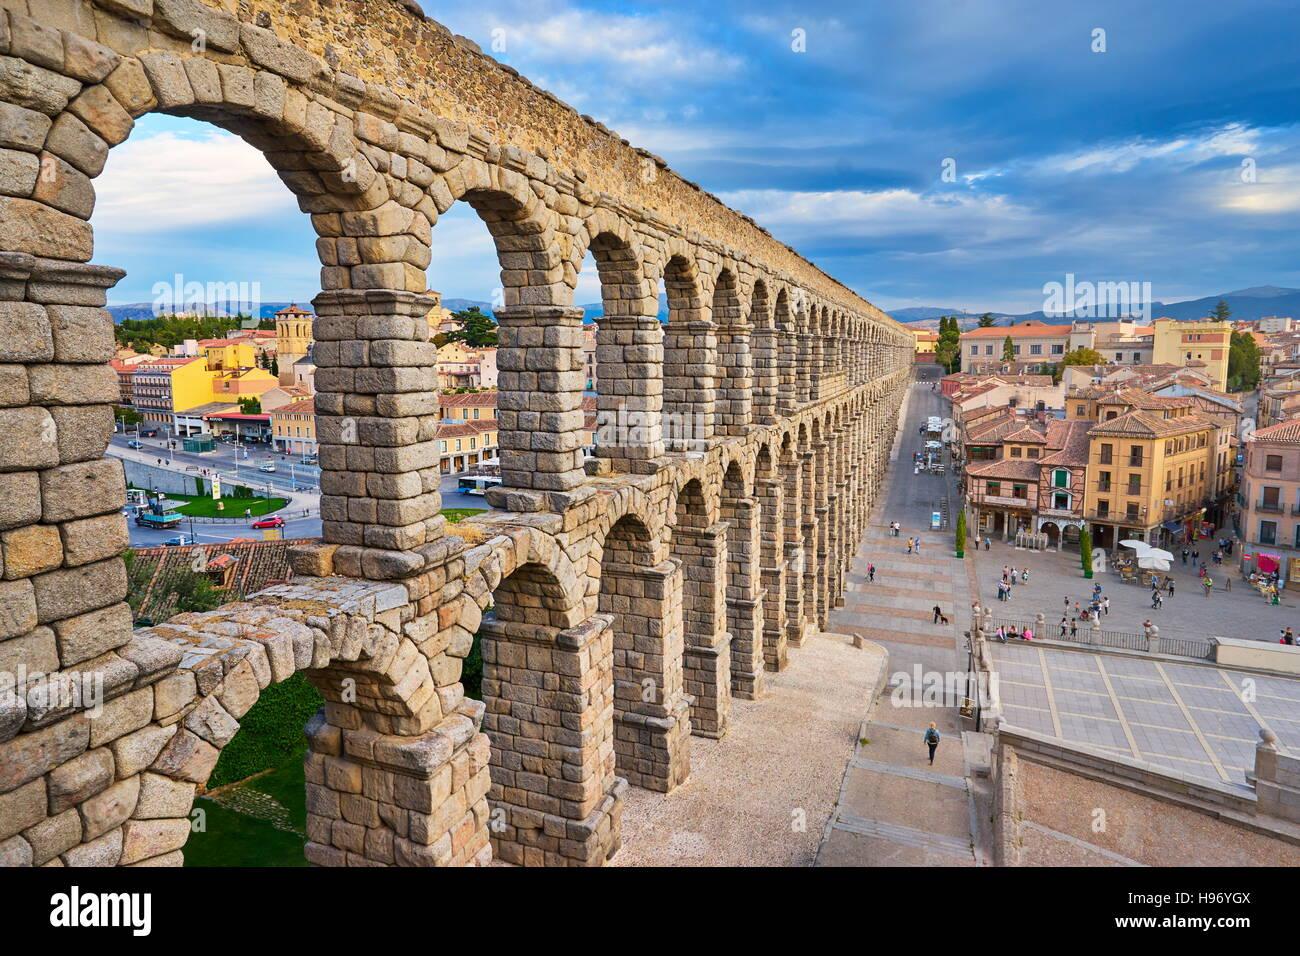 Roman aqueduct bridge, Segovia, Spain, UNESCO - Stock Image